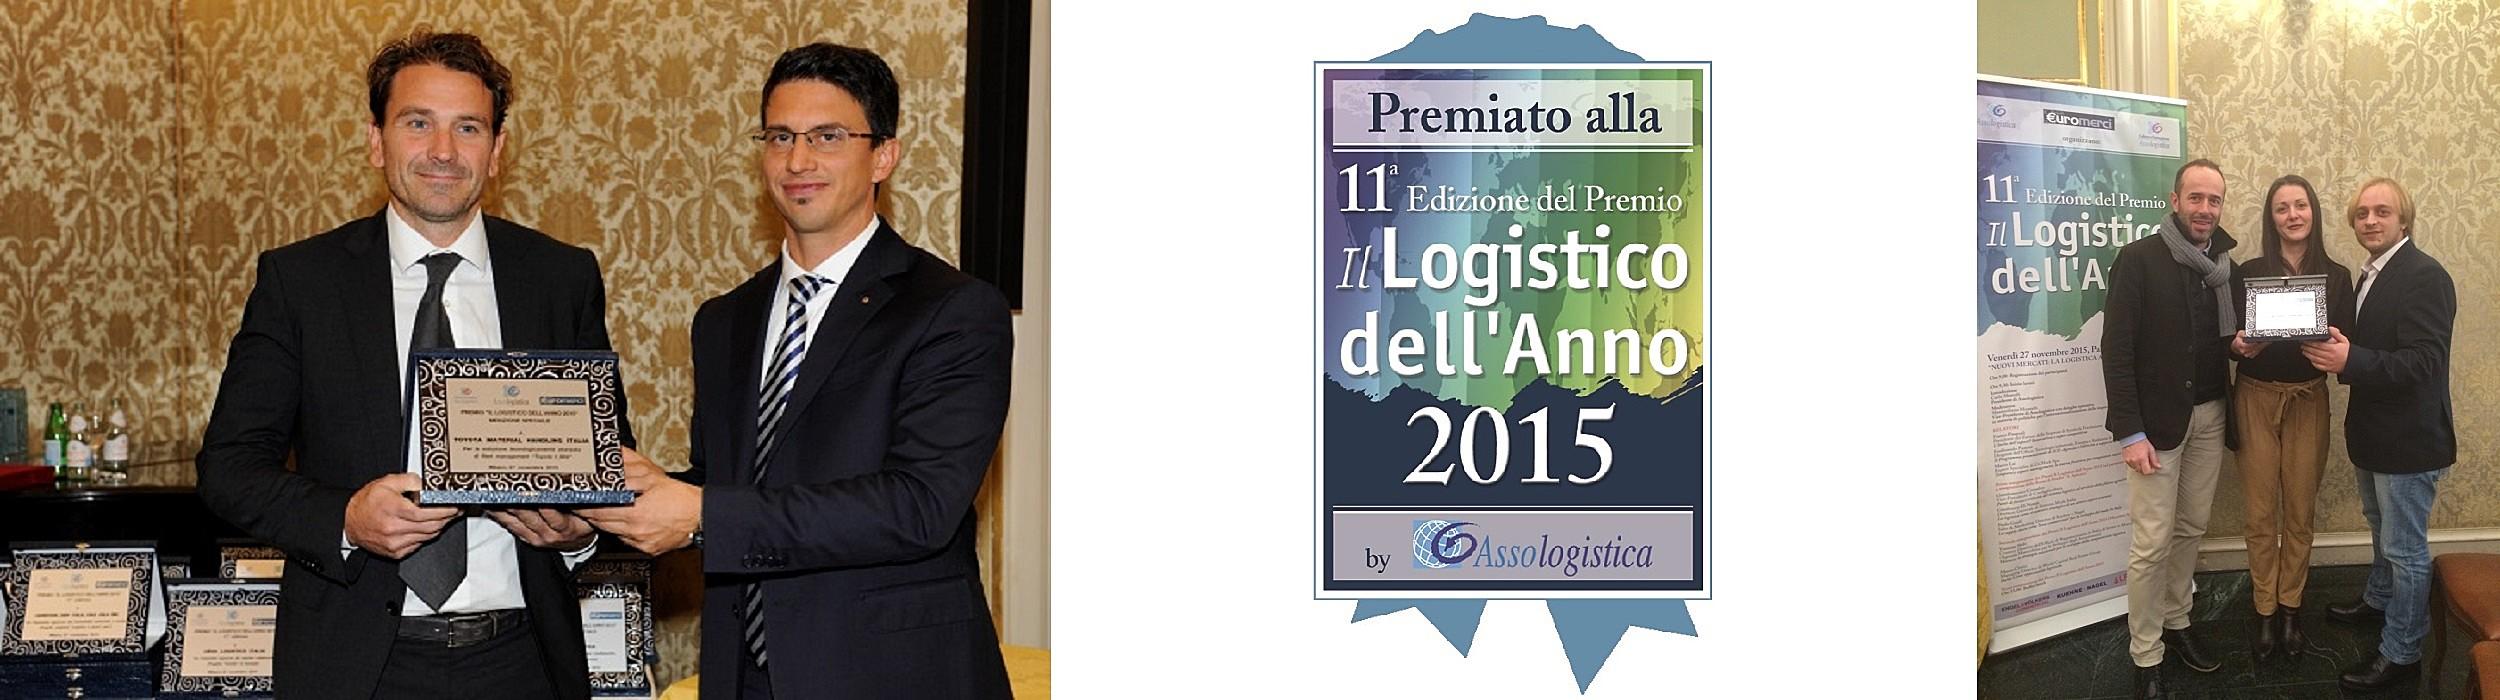 Premiazione - Premio Logistico dell'Anno